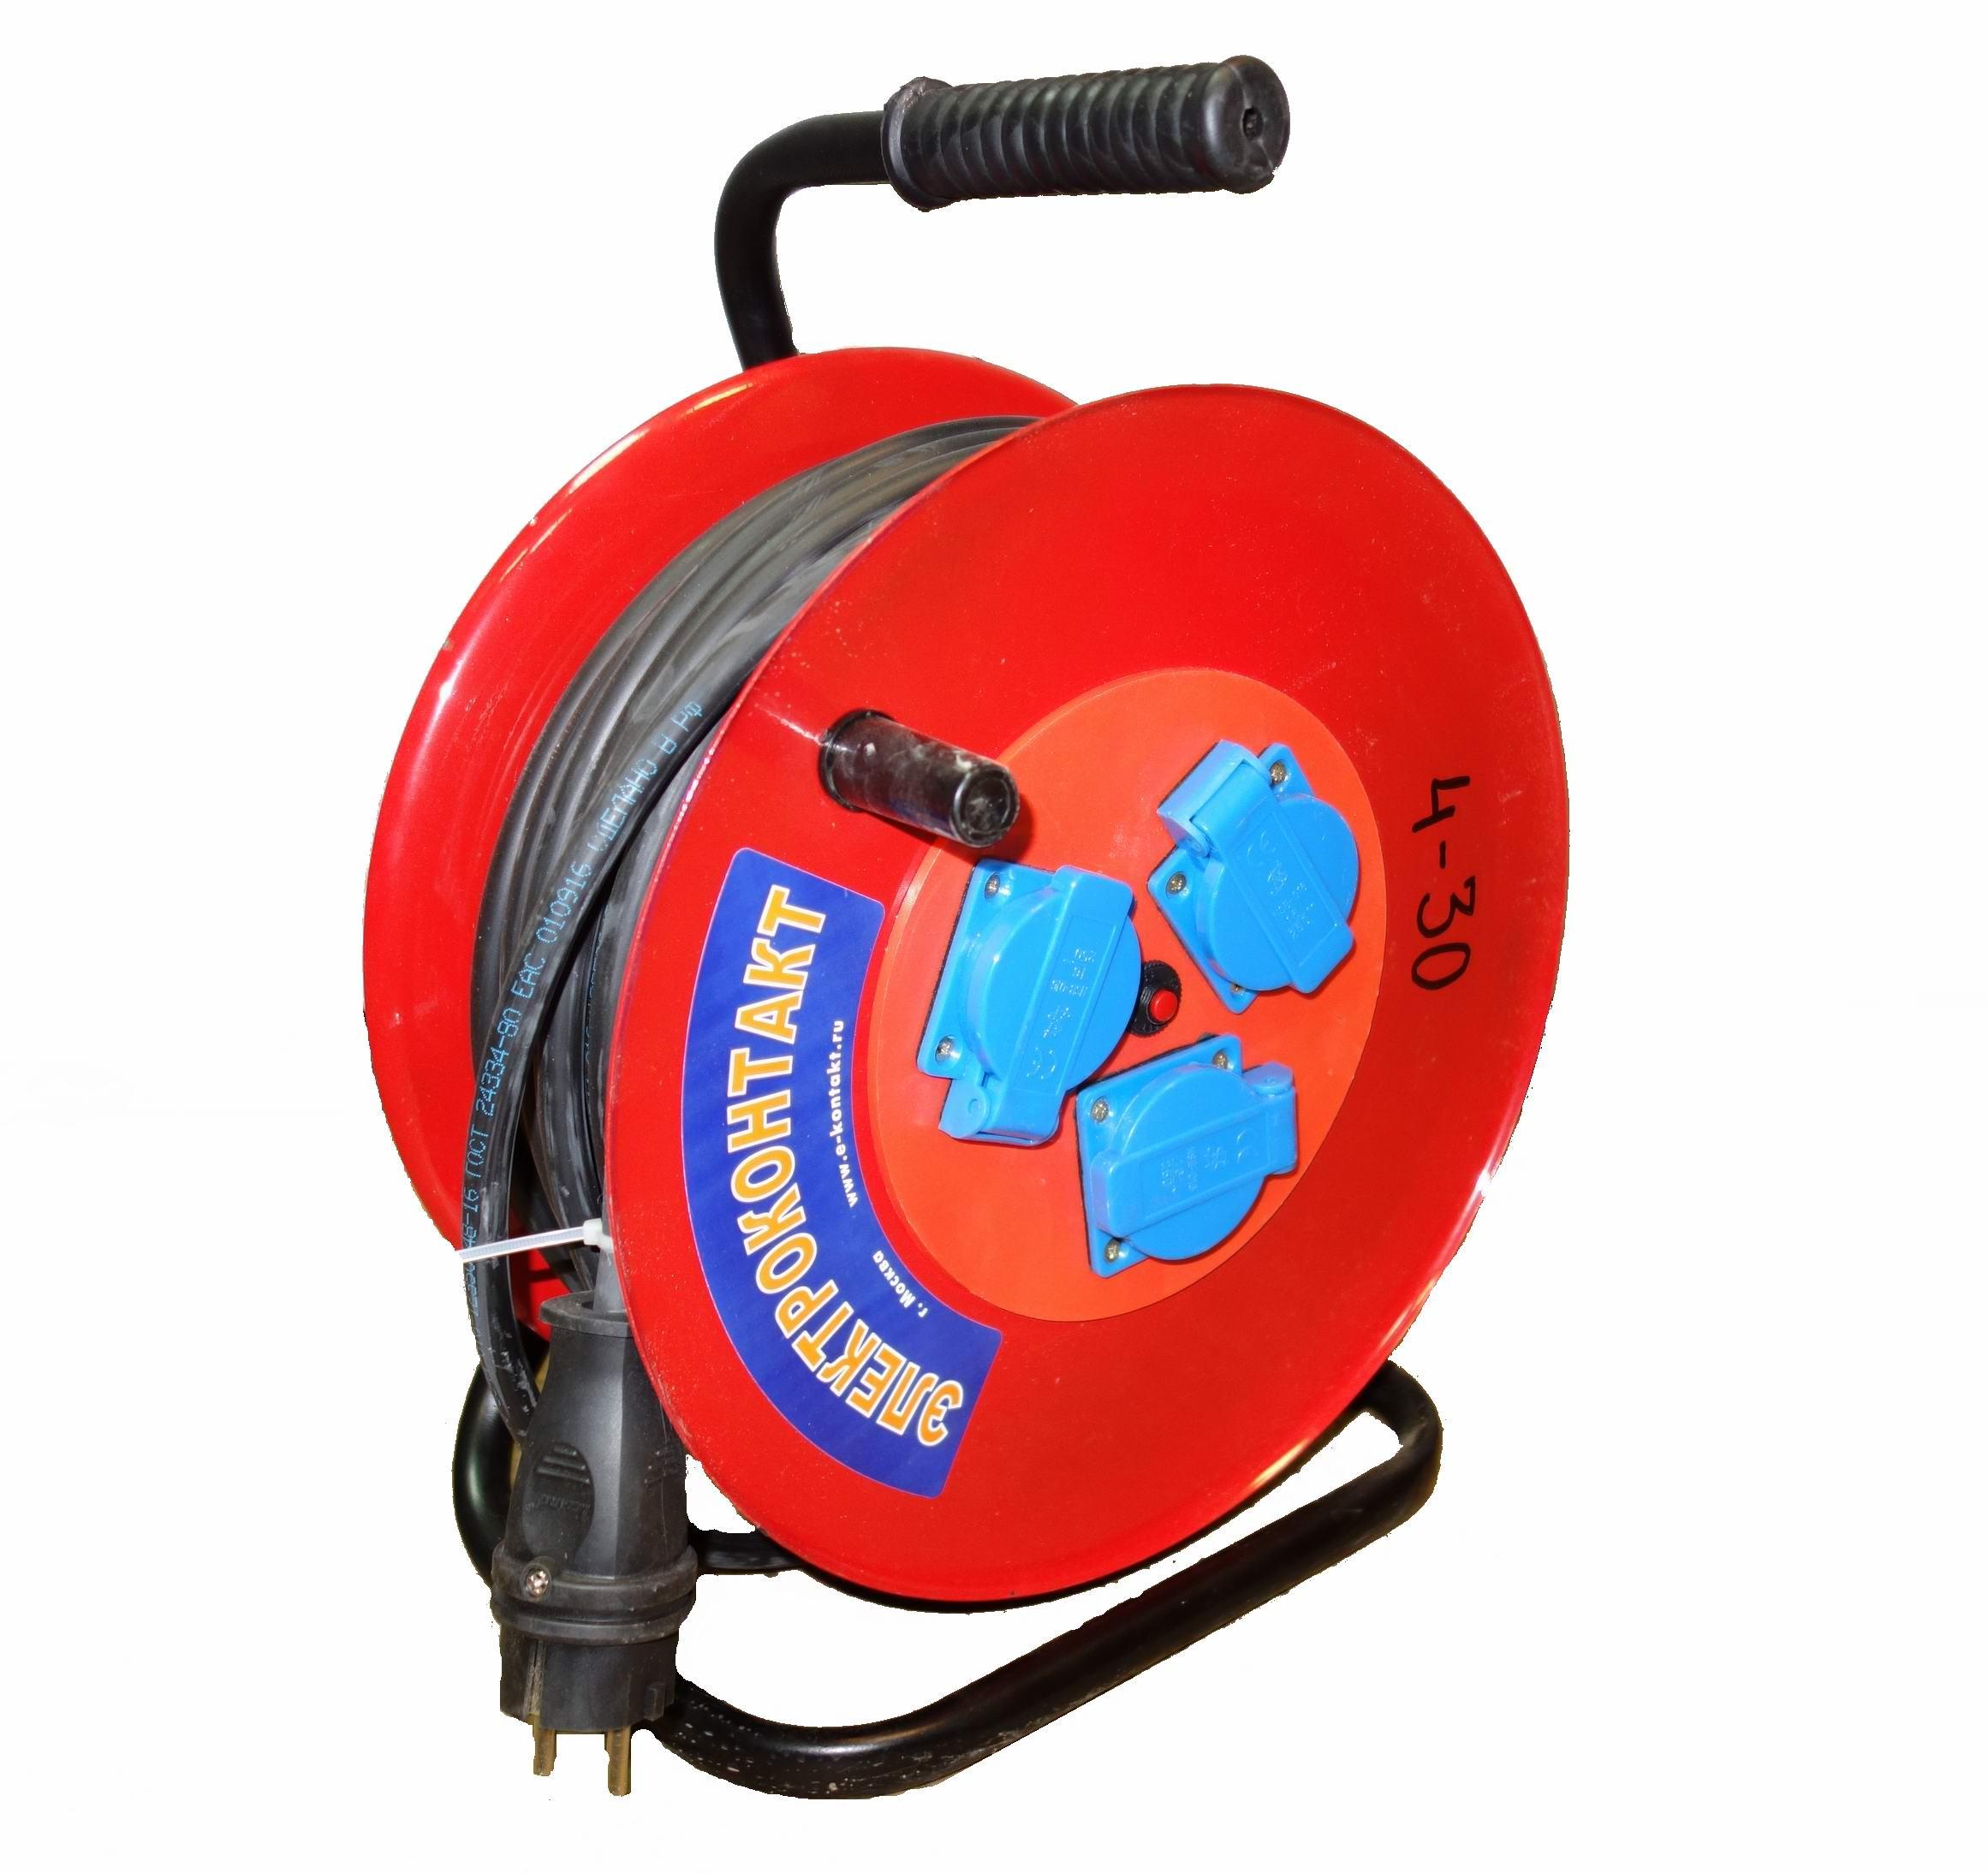 Удлинитель на катушке ЭЛЕКТРОКОНТАКТ УХз-16-003 10211 30 м. (металлическая катушка)